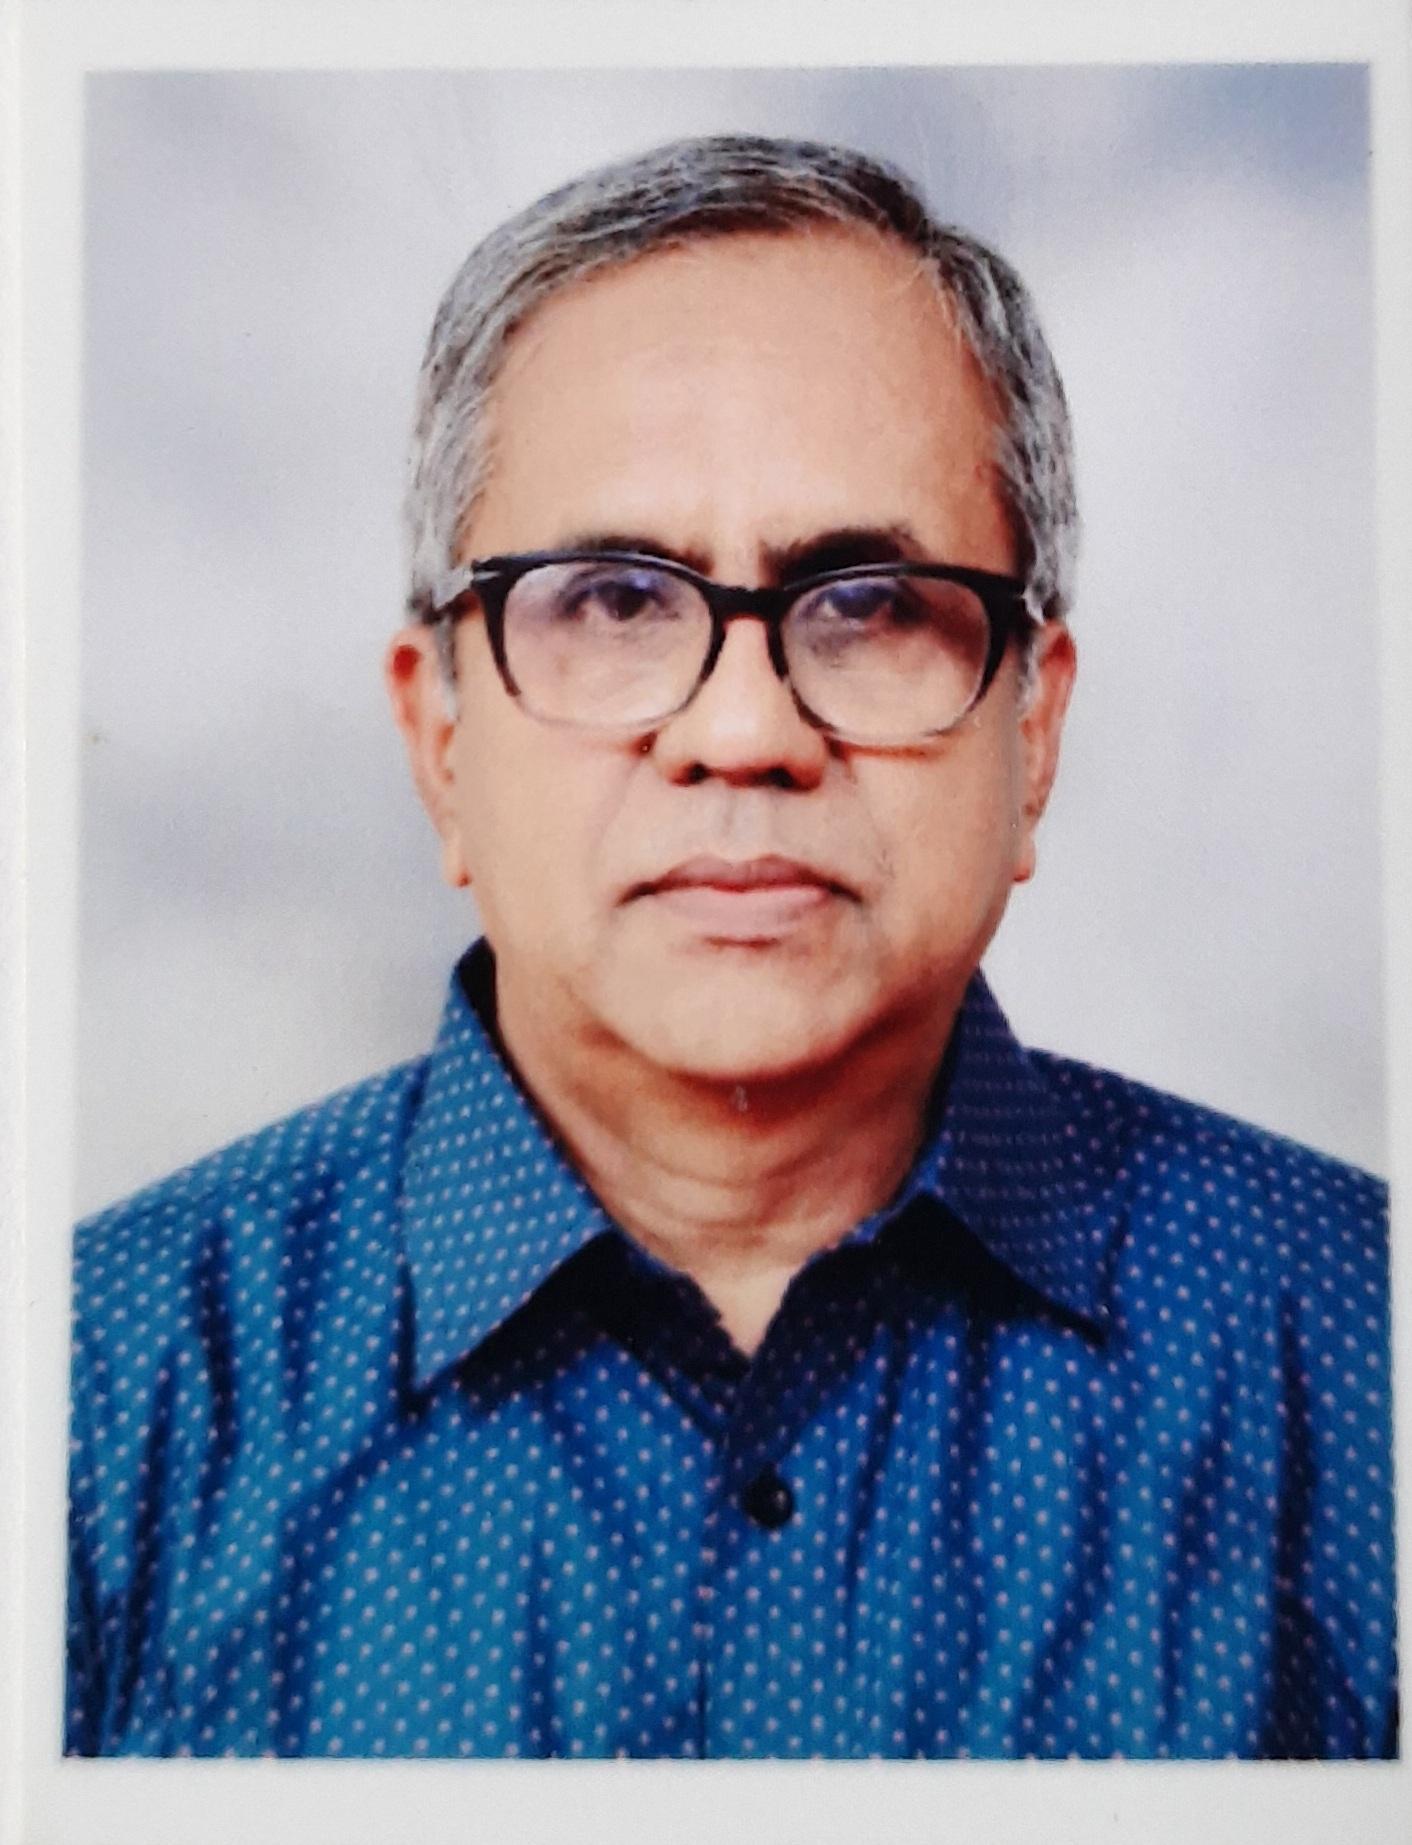 Shri Bhaskar Khandeparkar